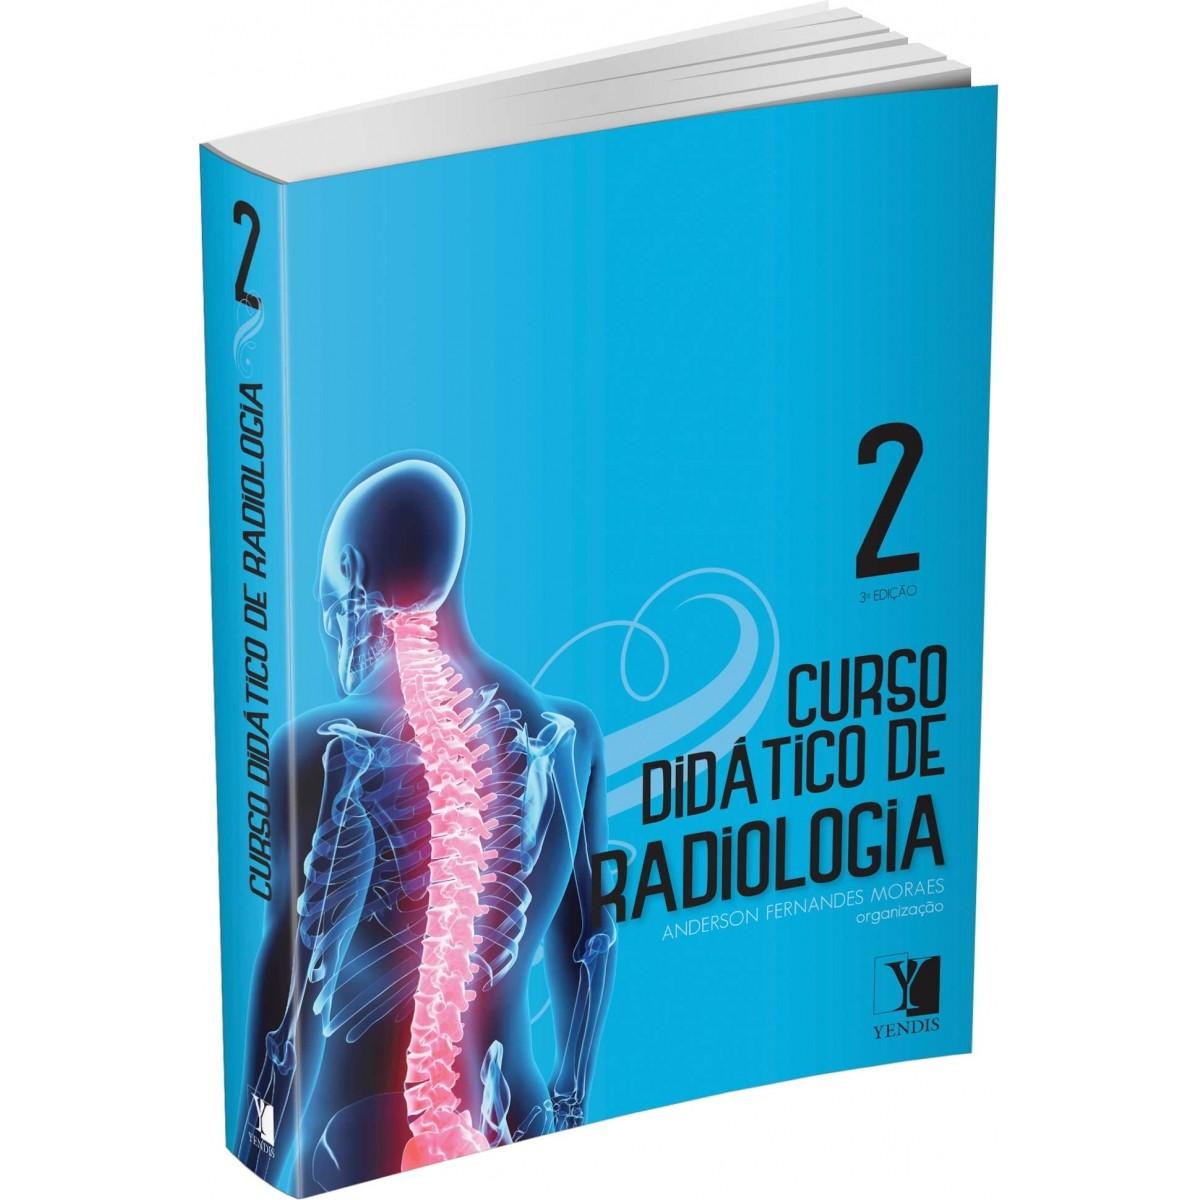 Curso Didático de Radiologia Volume 2 - 3ª Edição